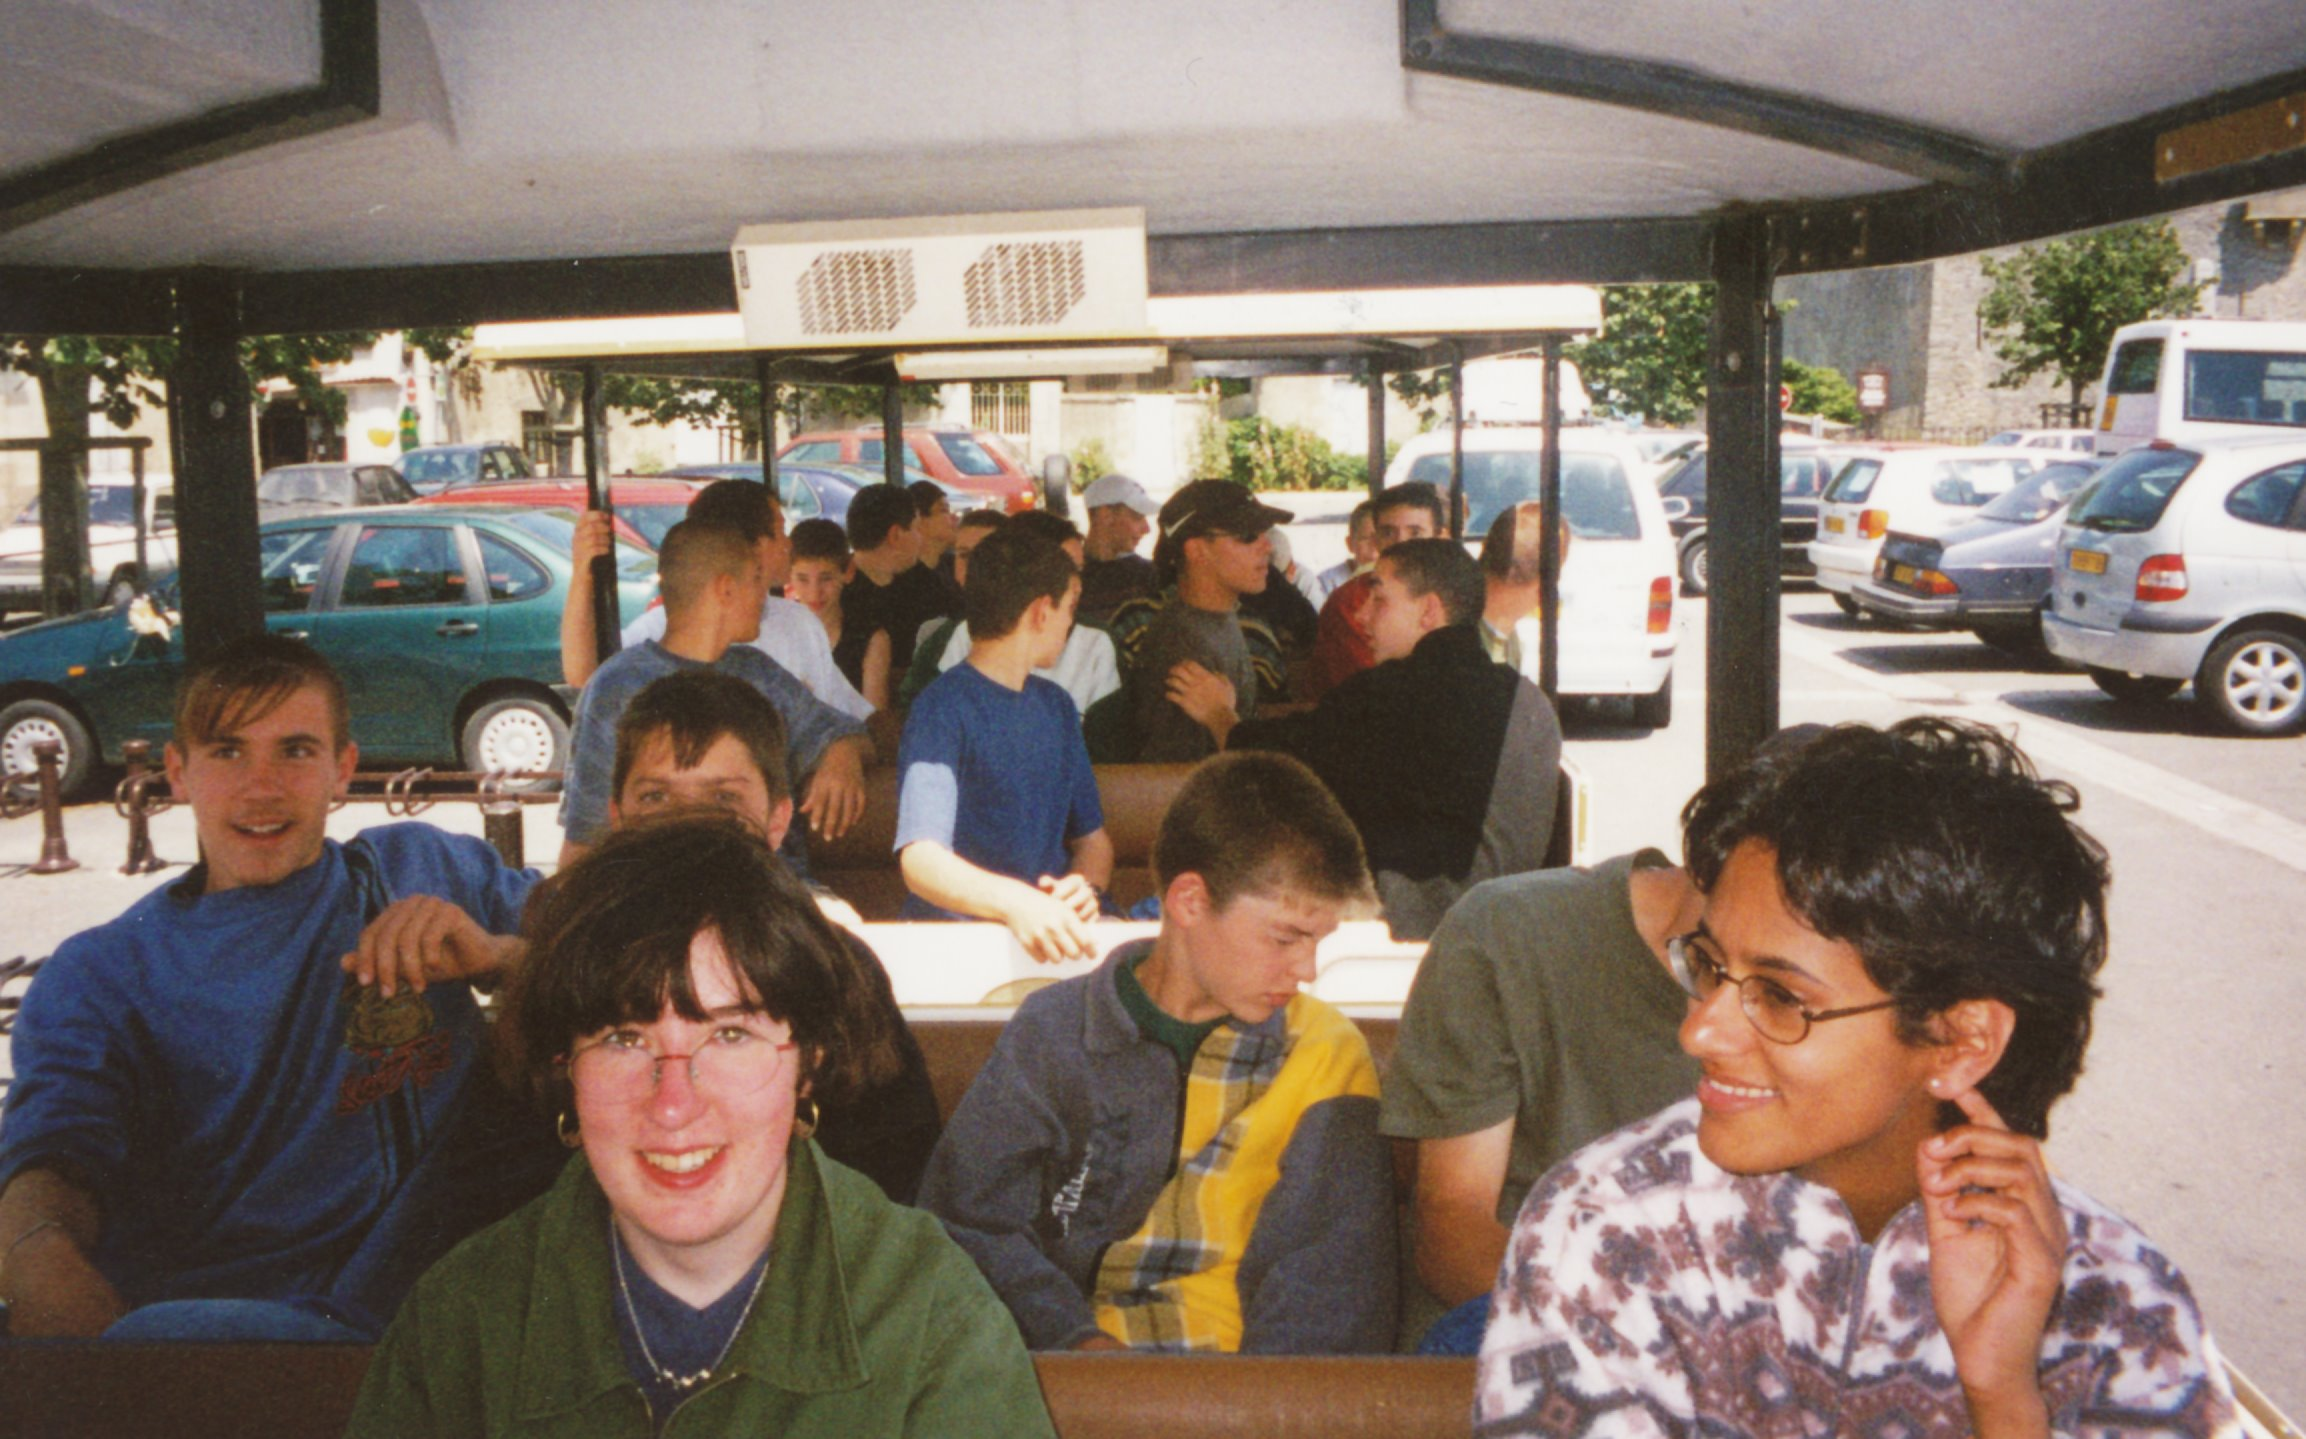 Archives anciens élèves mfr puy-sec 1999 (9)